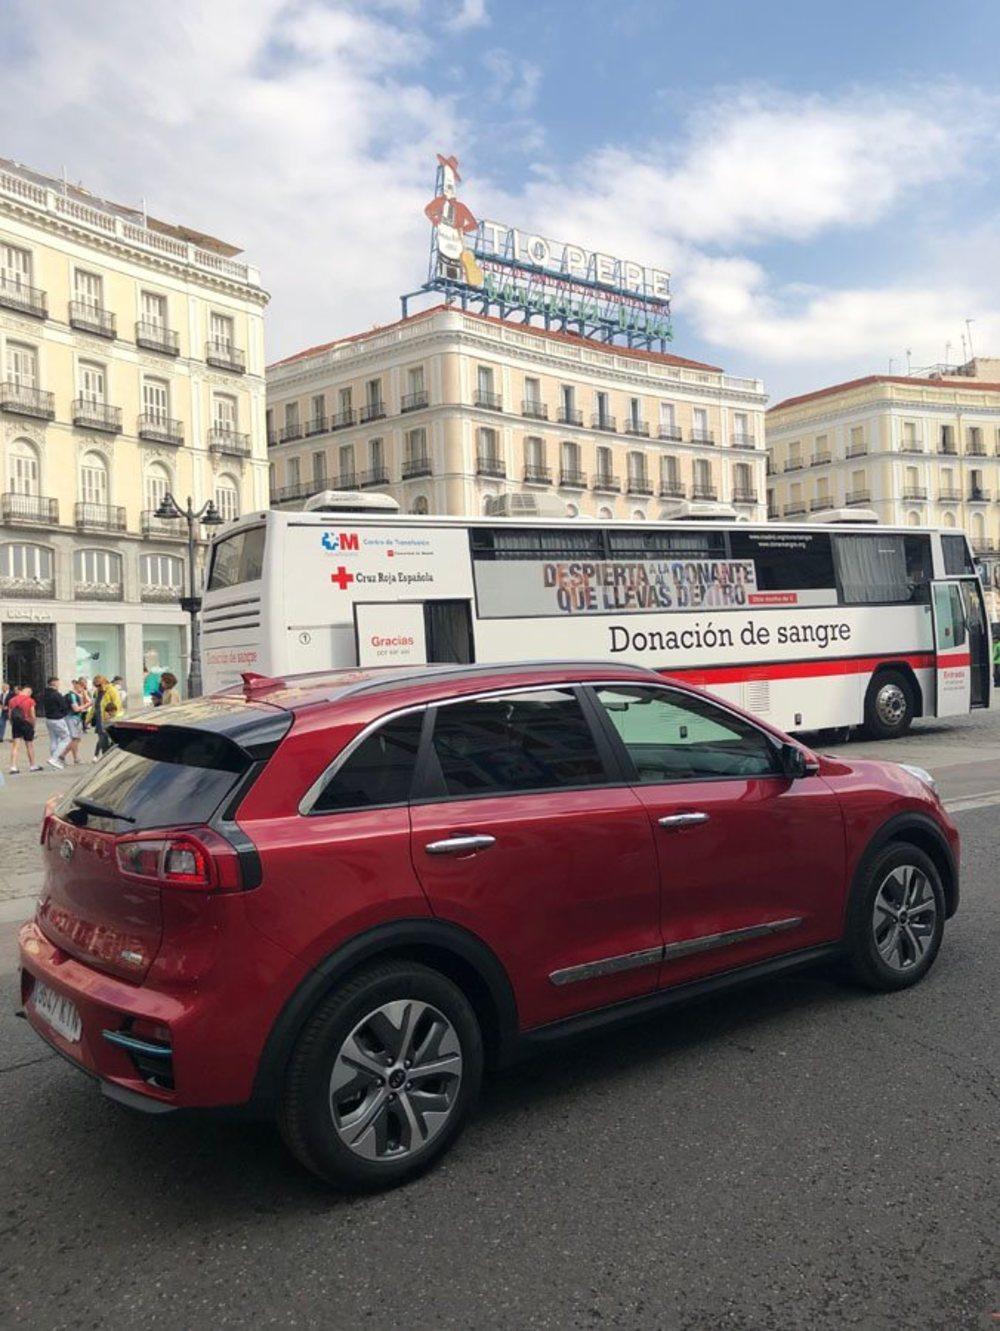 Entra, sin problemas -salvo el atasco que sufrimos- en Madrid Central gracias a su etiqueta 0.